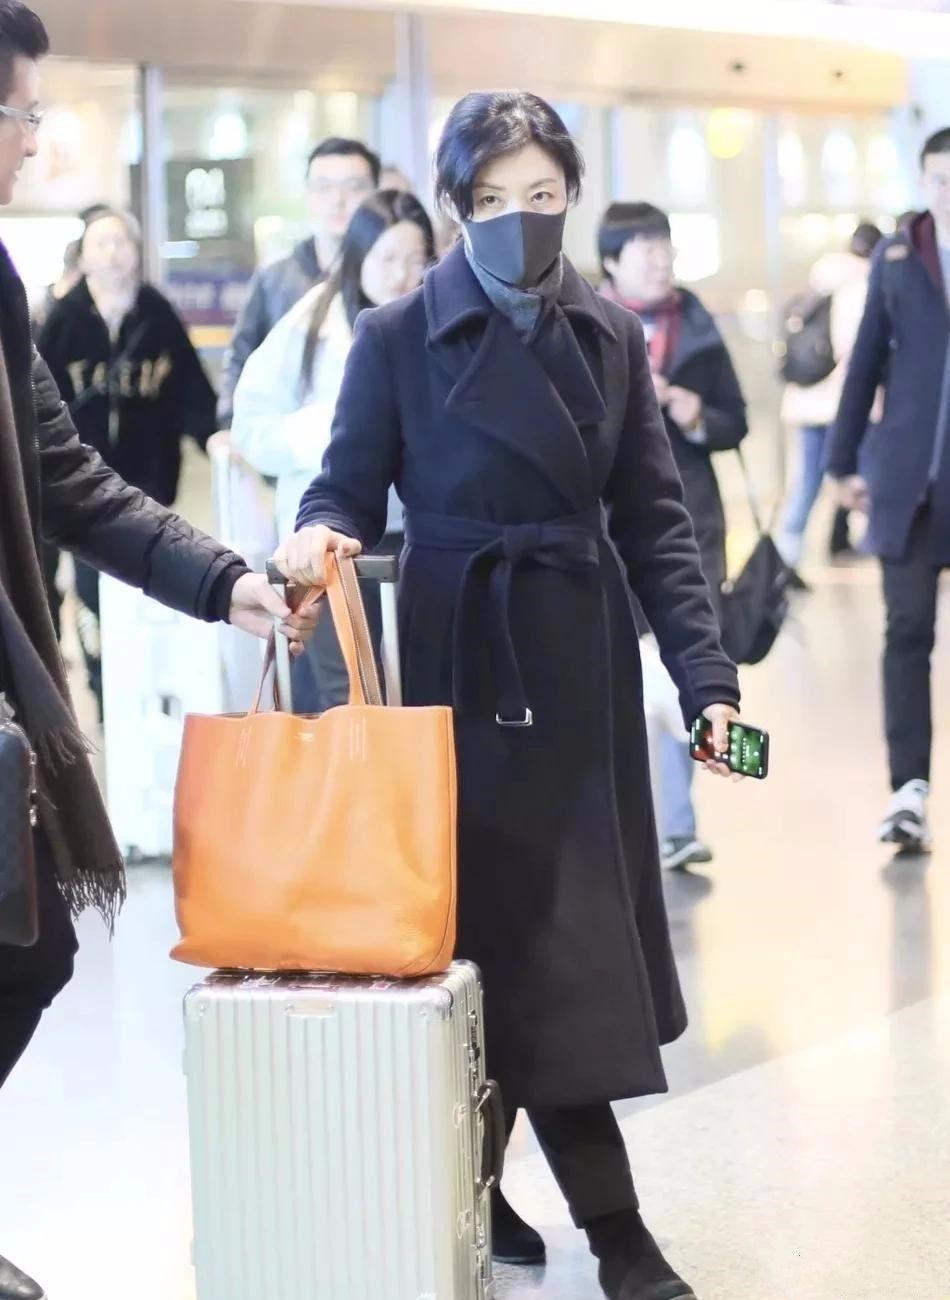 51周涛现身长沙机场,穿黑大衣真有范,央视主持就她气质好!